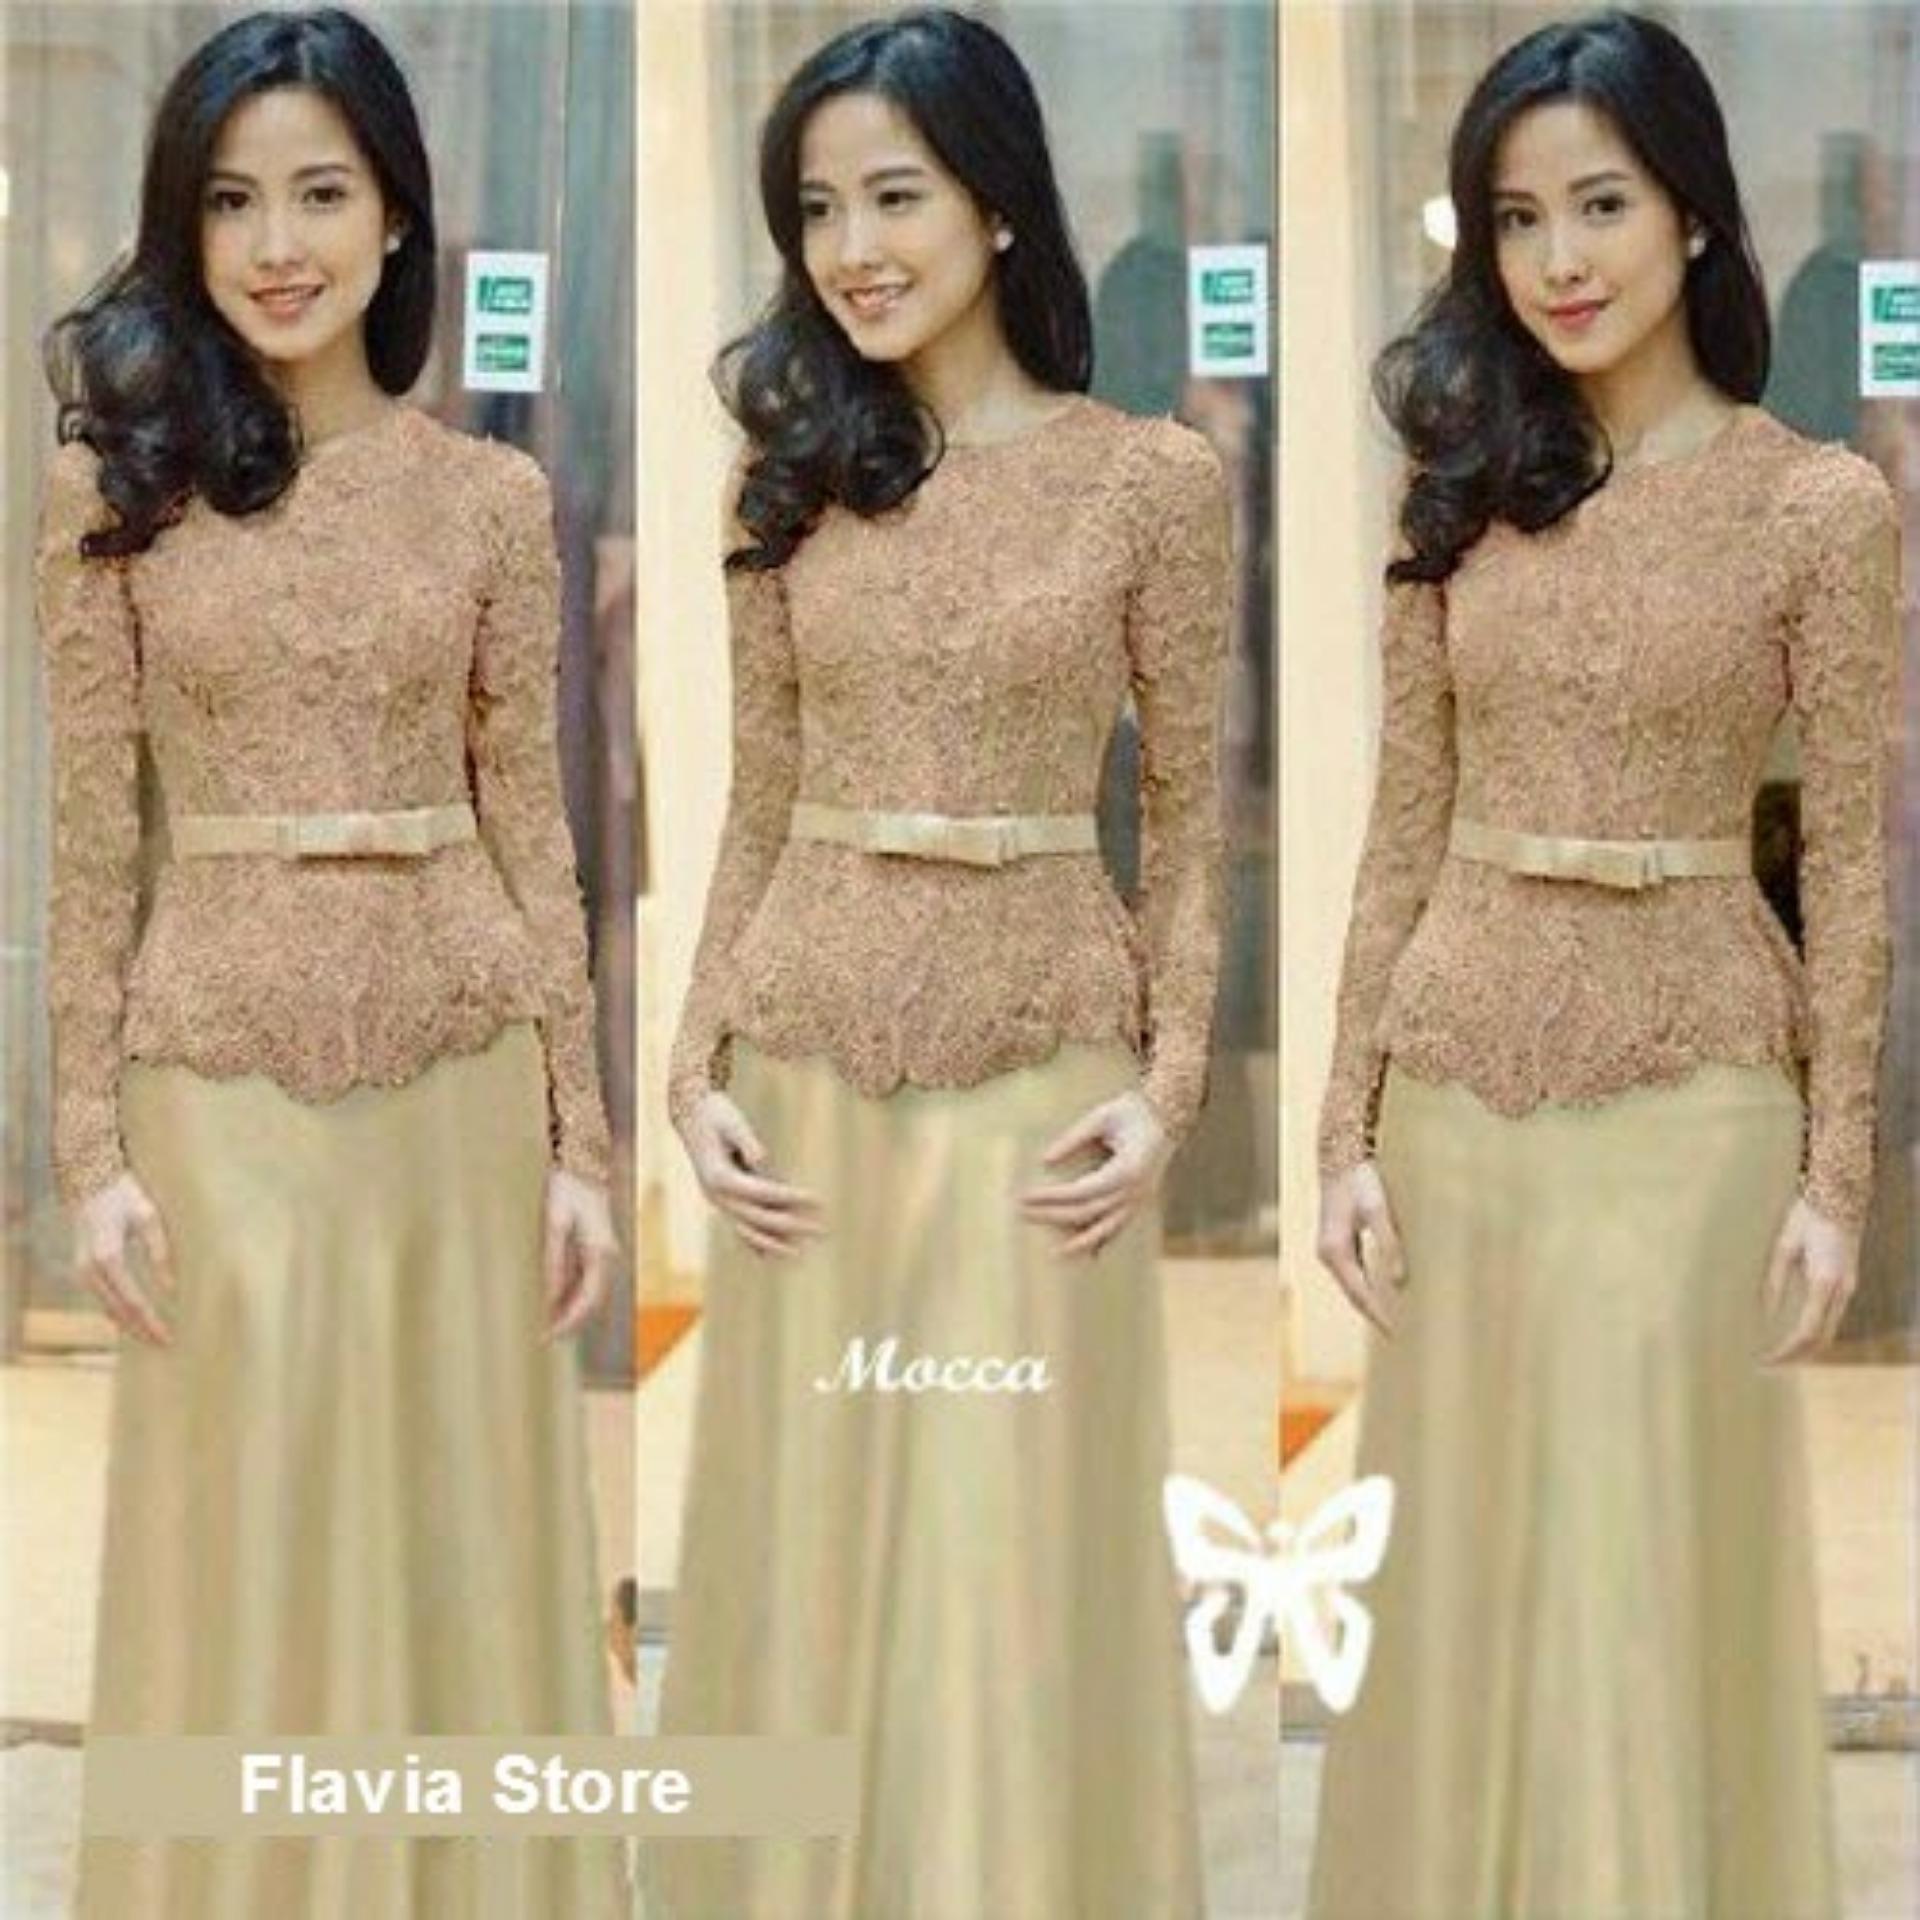 ... Gamis   Gaun Jika Anda membeli Flavia Store Maxi Dress Lengan Panjang  FS0503 - MOCCA   Kebaya Modern   Gamis   Gaun Pesta Muslimah   Baju Muslim  Wanita ... 07341d83dc